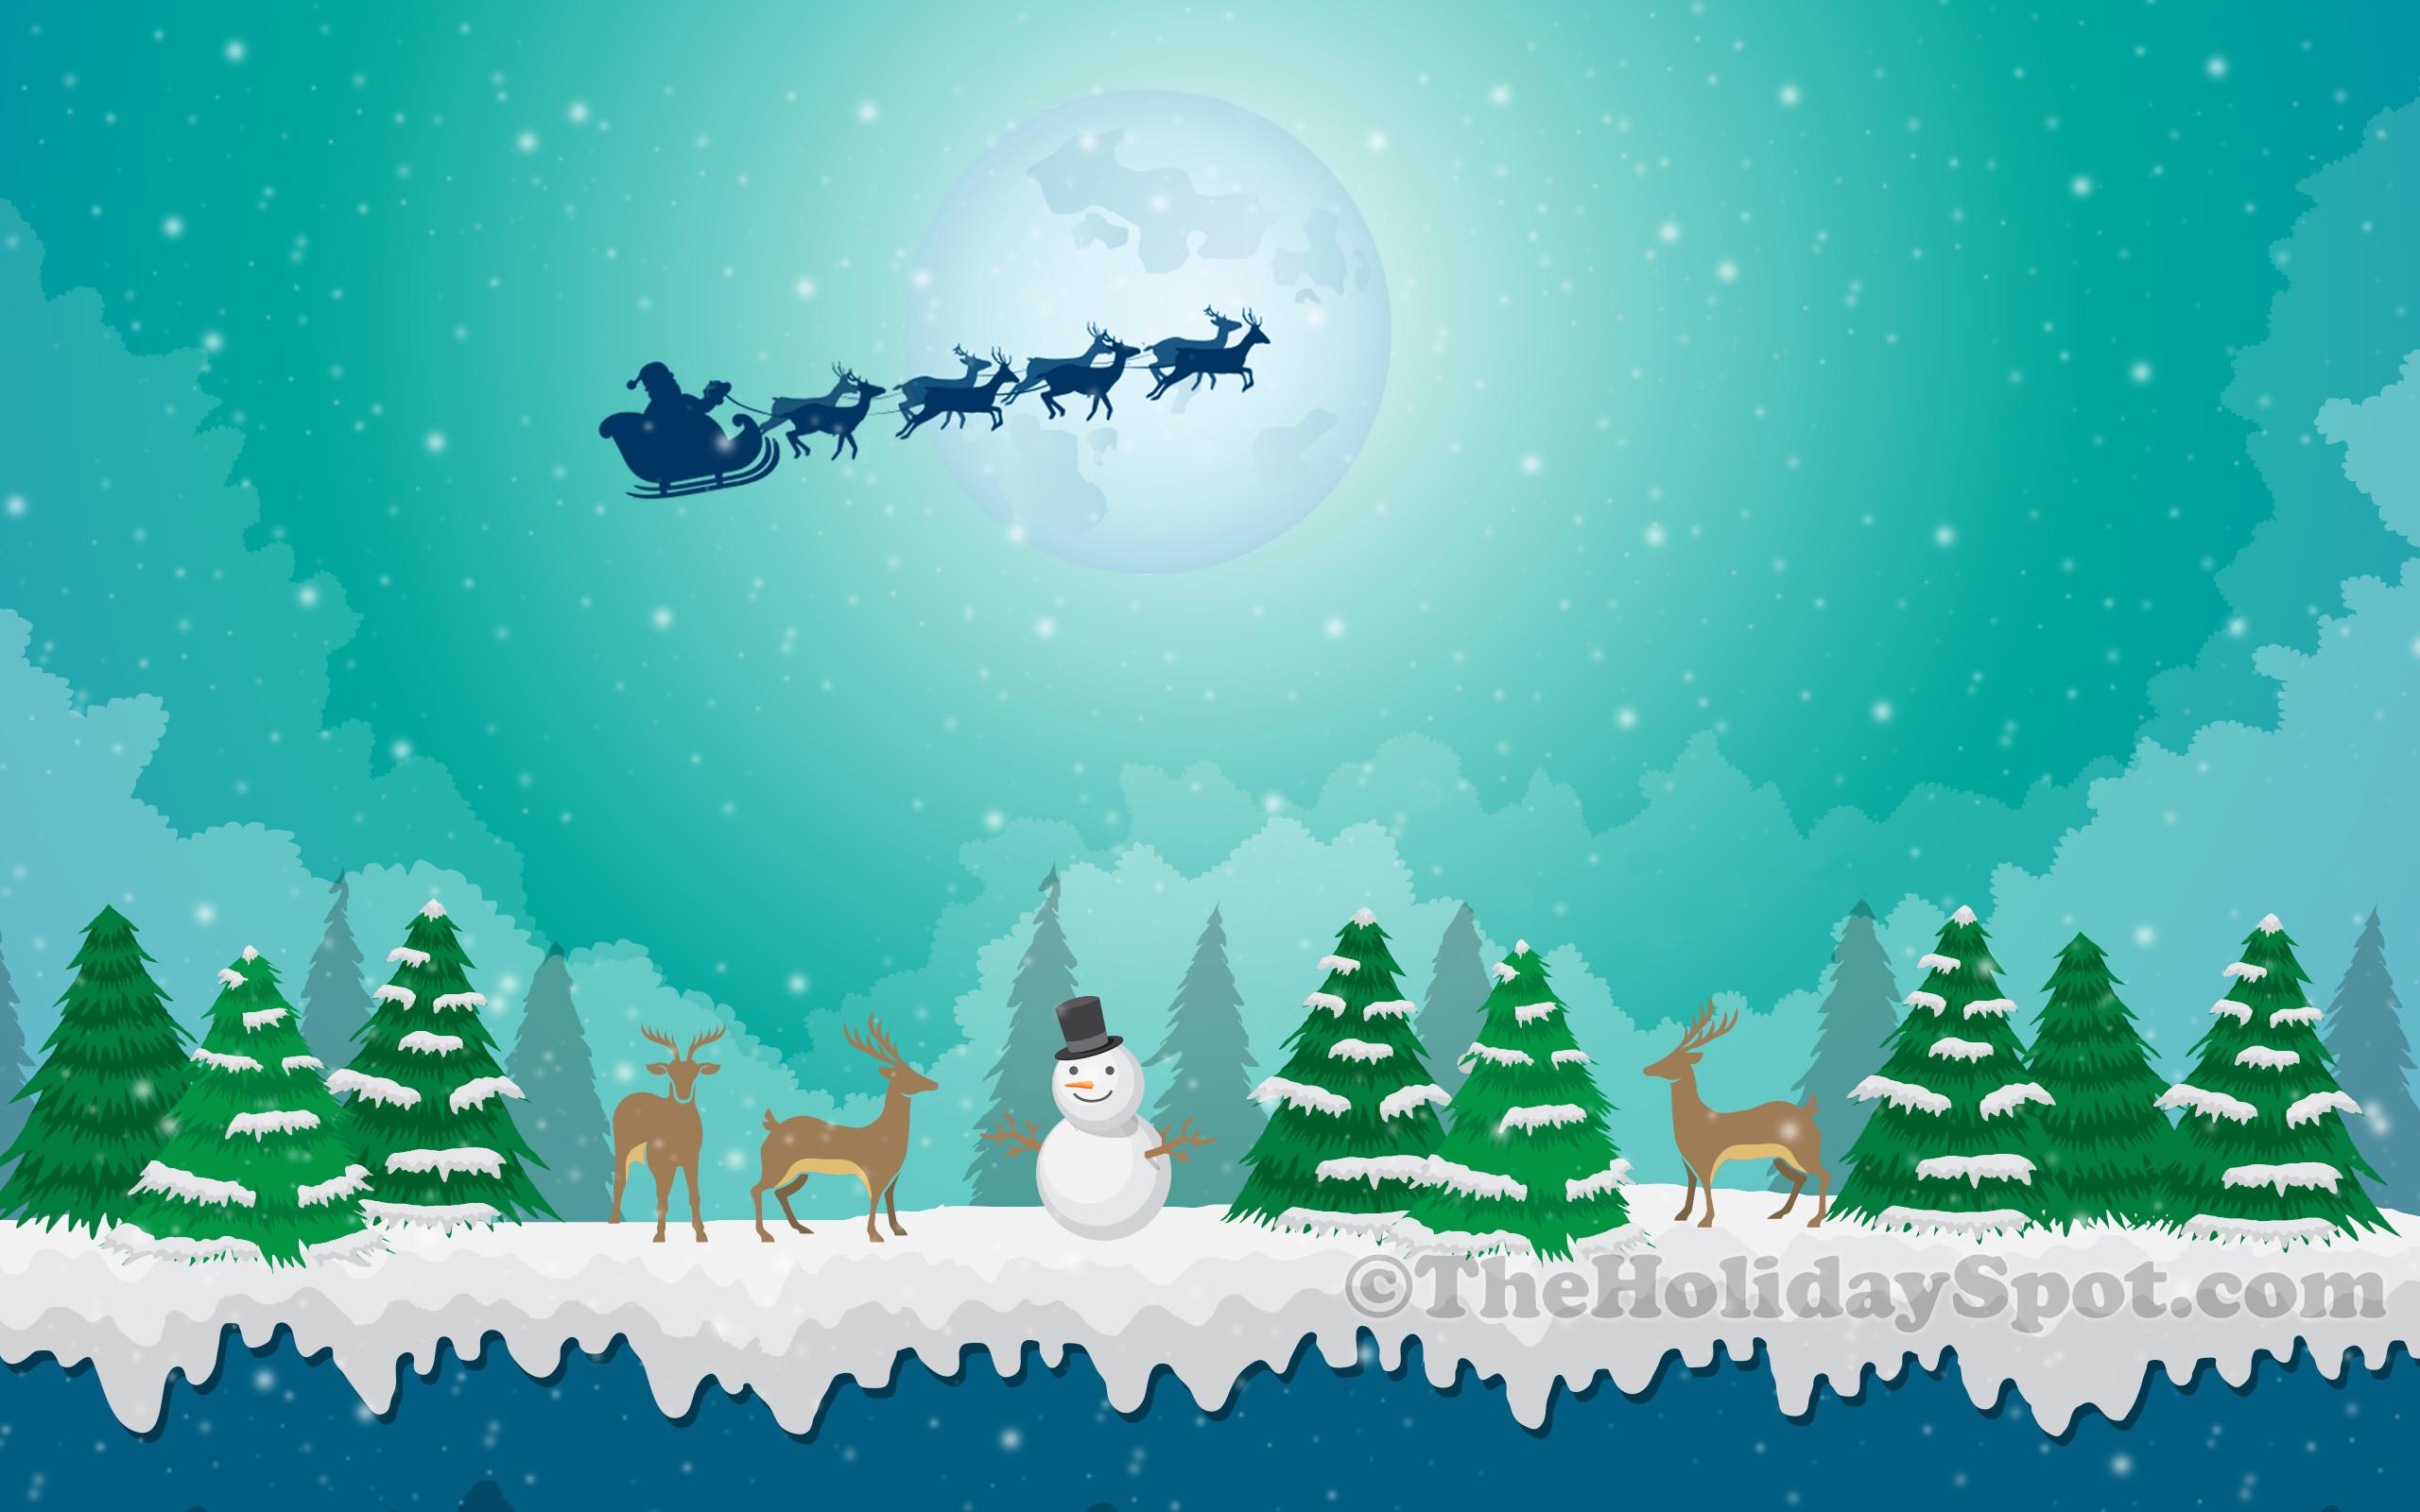 Wallpaper of Snowy Christmas Scene